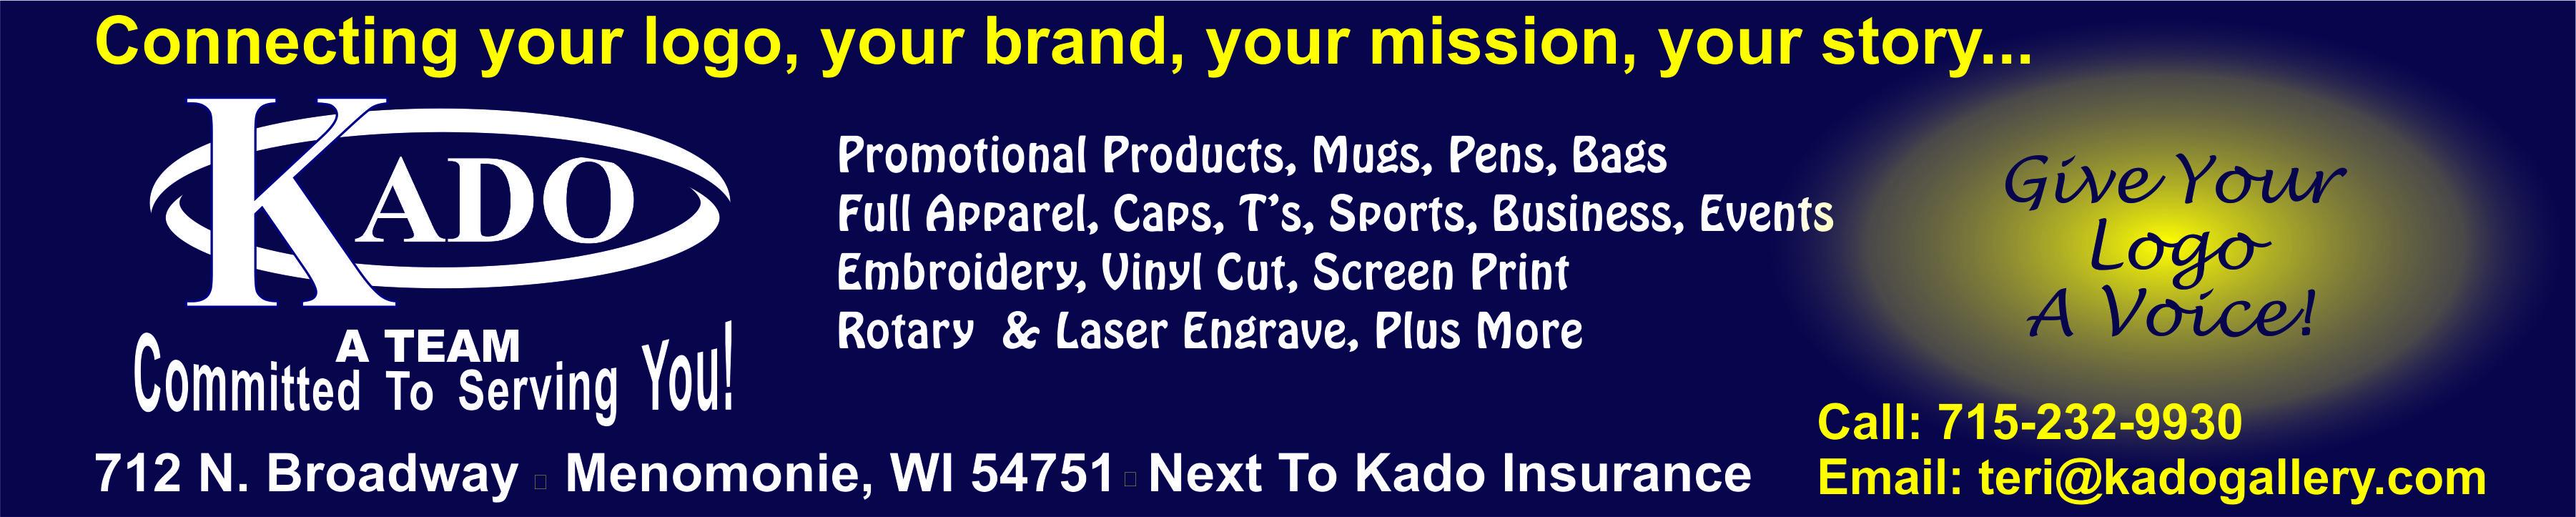 Home - Kado Gallery